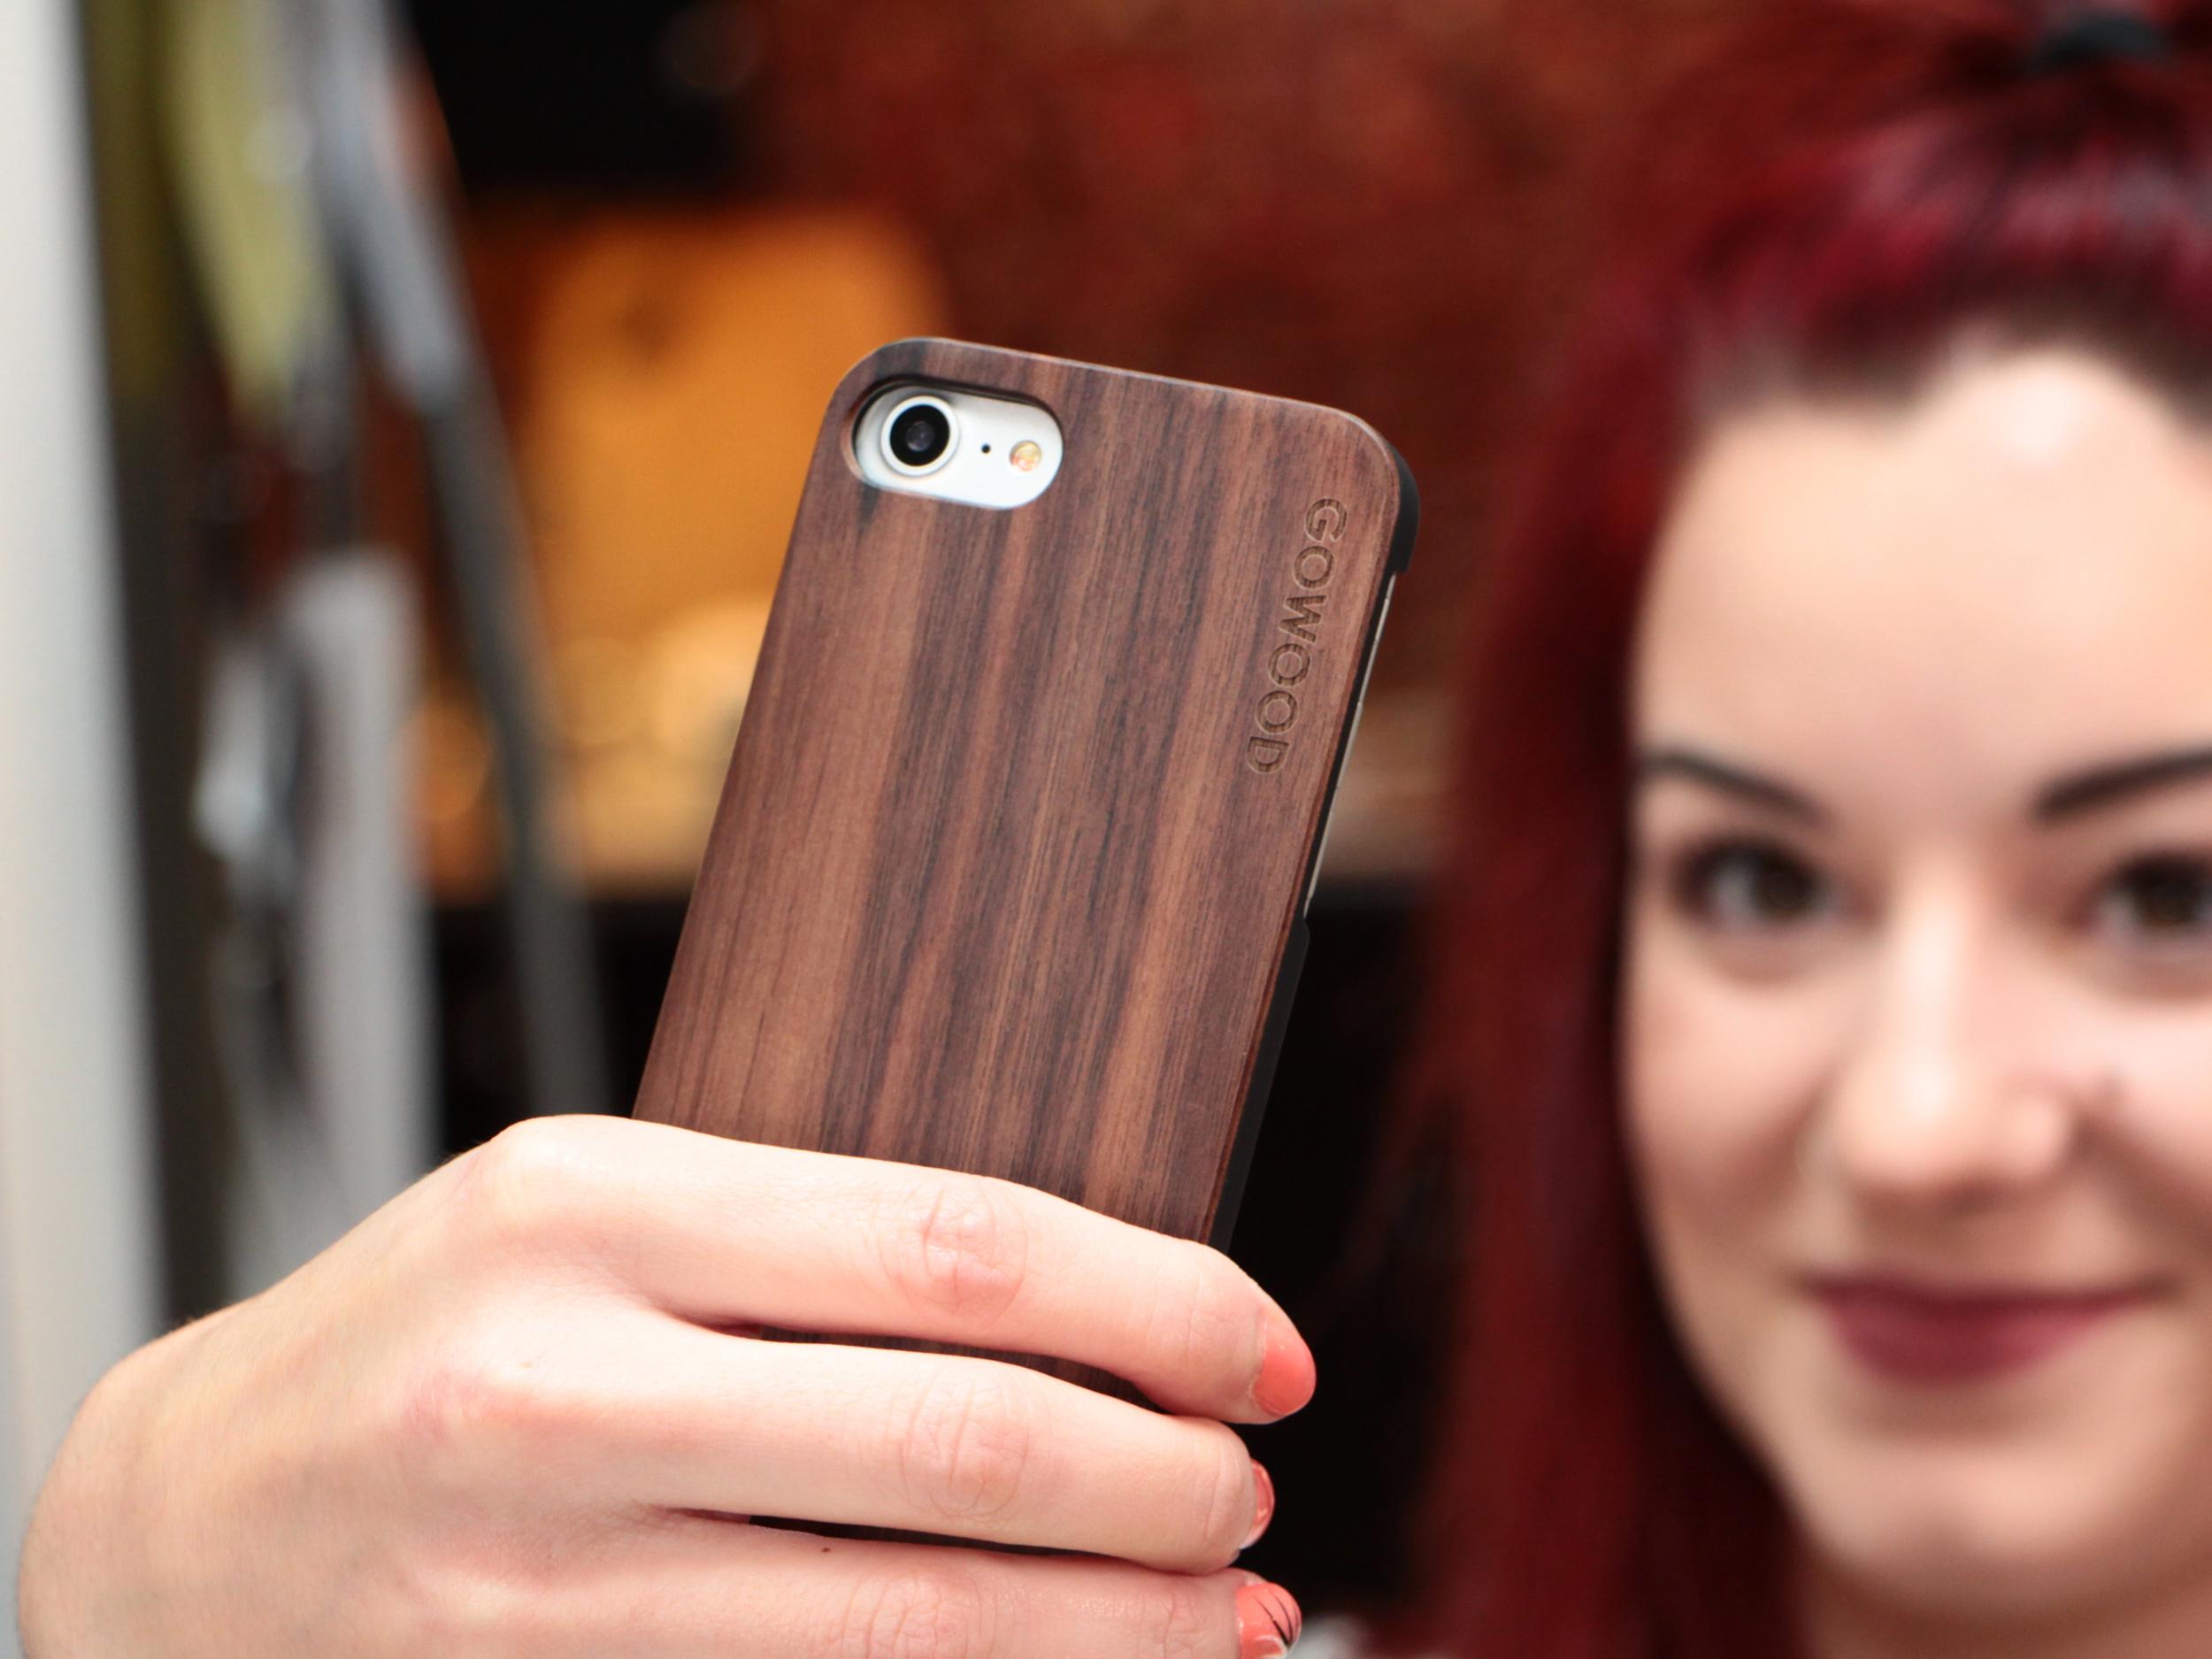 iPhone 7 hoesje walnoot hout gebruiker 4